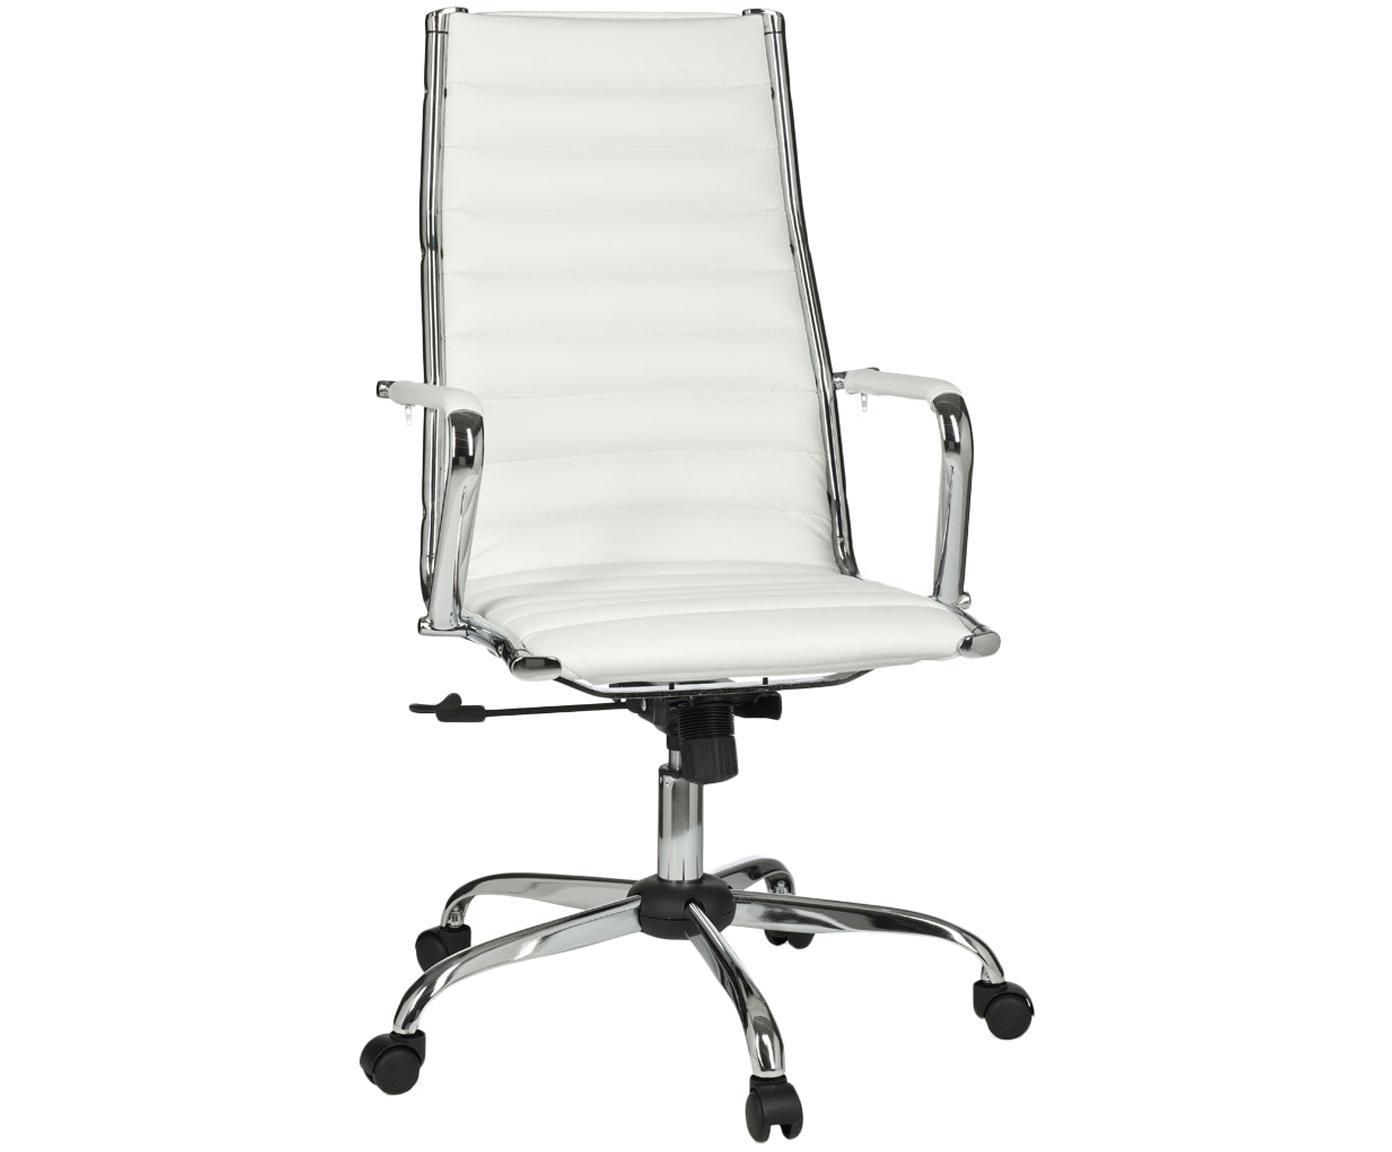 Bürodrehstuhl Amstyle, höhenverstellbar, Bezug: Kunstleder, Gestell: Metall, verchromt, Weiß, Chrom, B 60 x T 62 cm